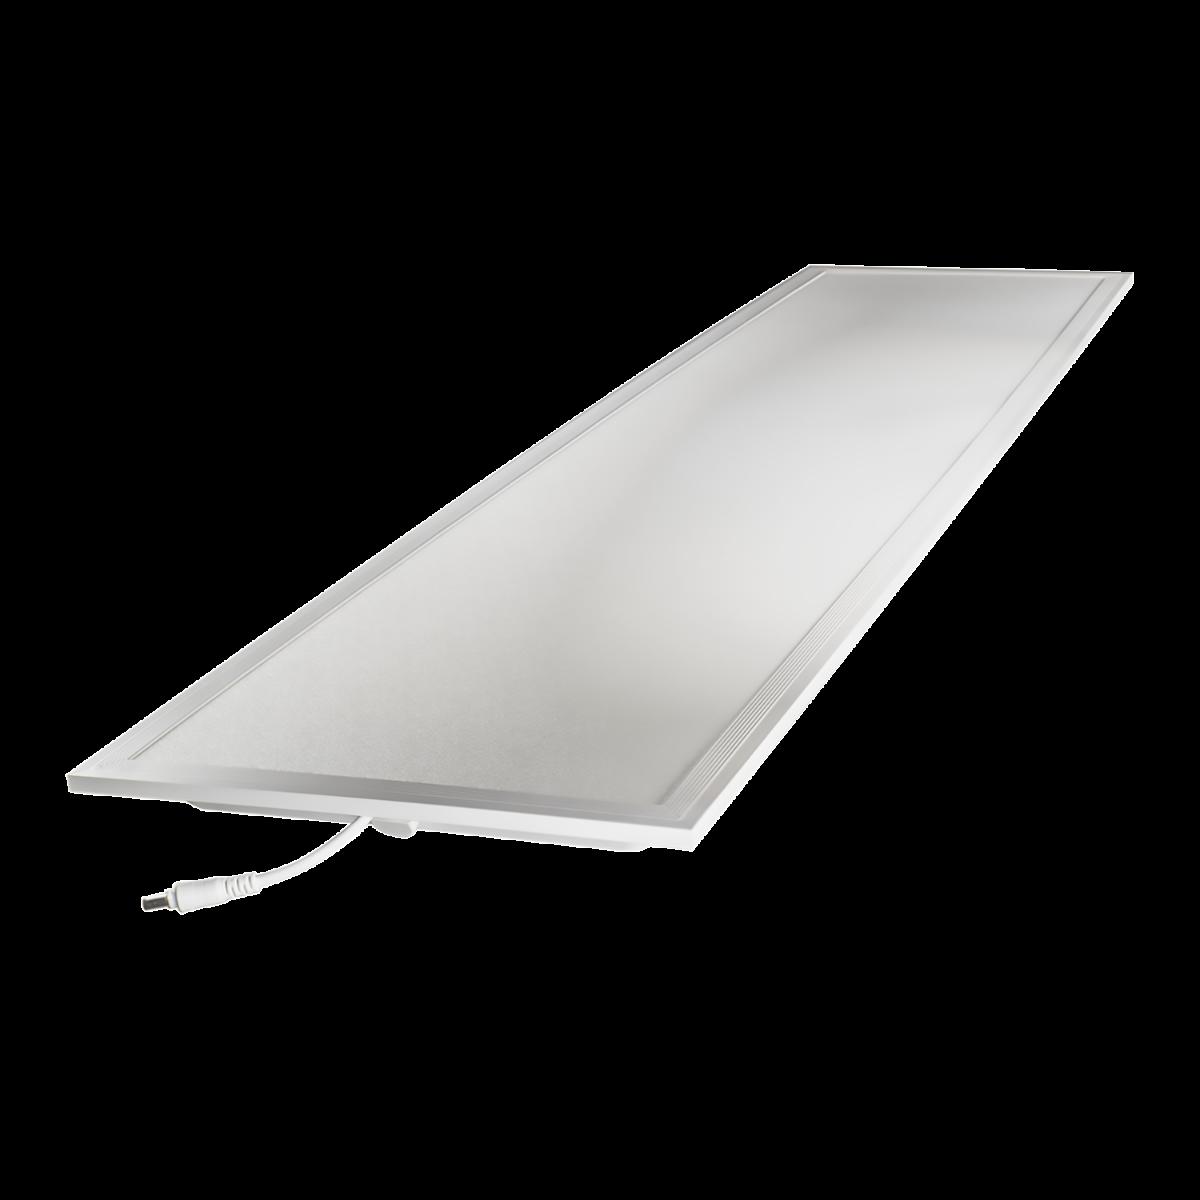 Noxion LED panel Delta Pro Highlum V2.0 40W 30x120cm 4000K 5480lm UGR <19 | kold hvid - erstatter 2x36W